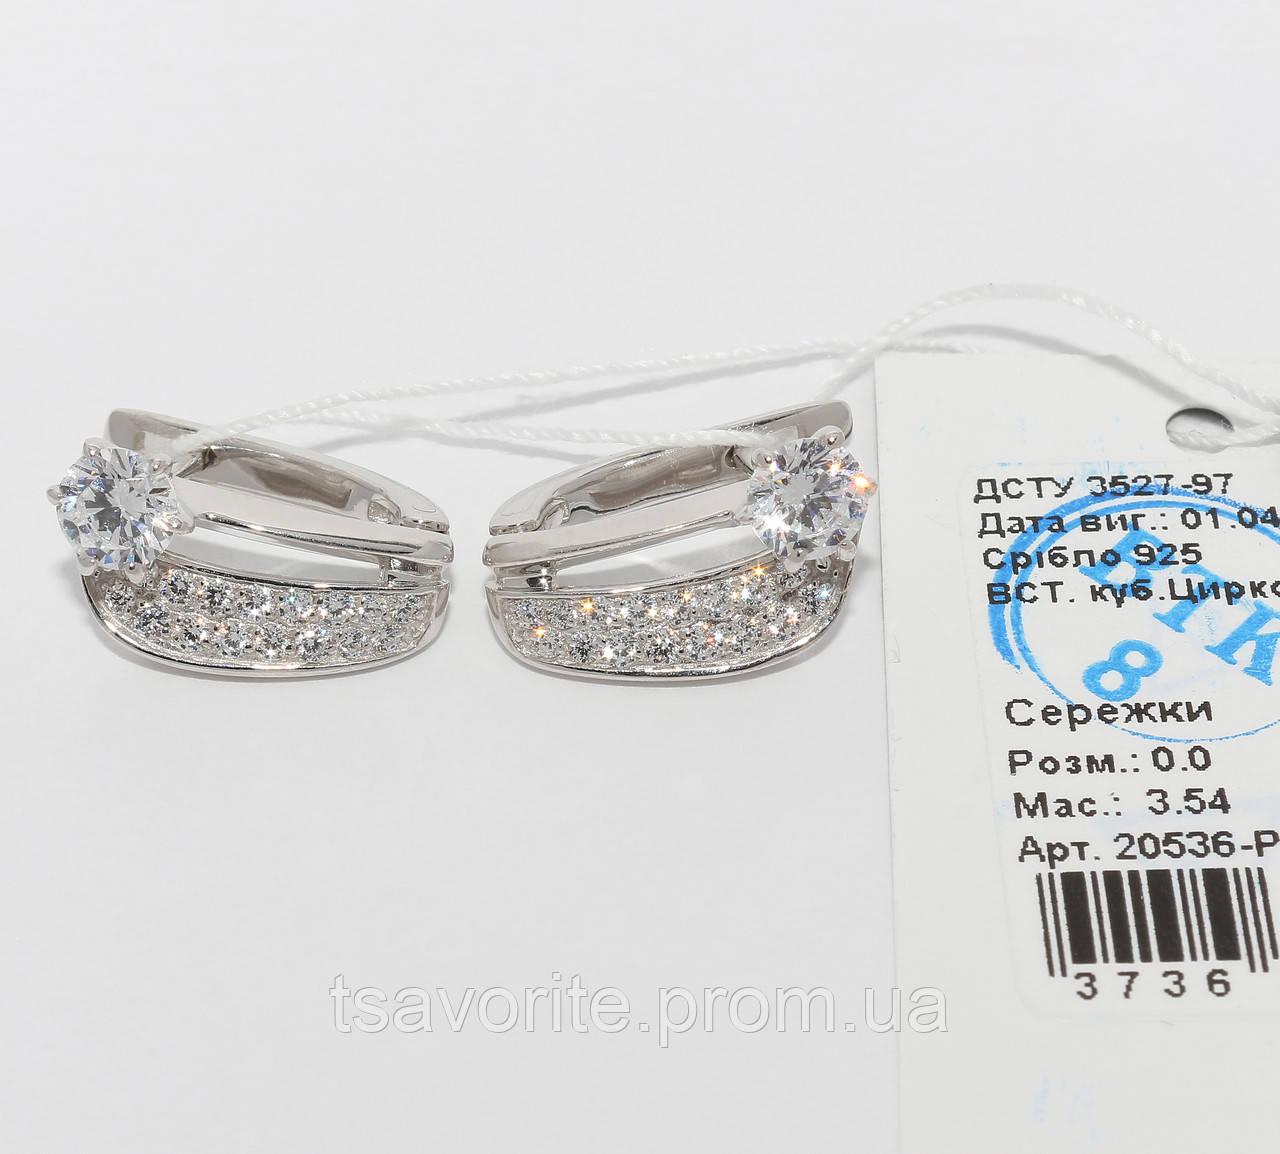 Серебряные серьги 20536-Р